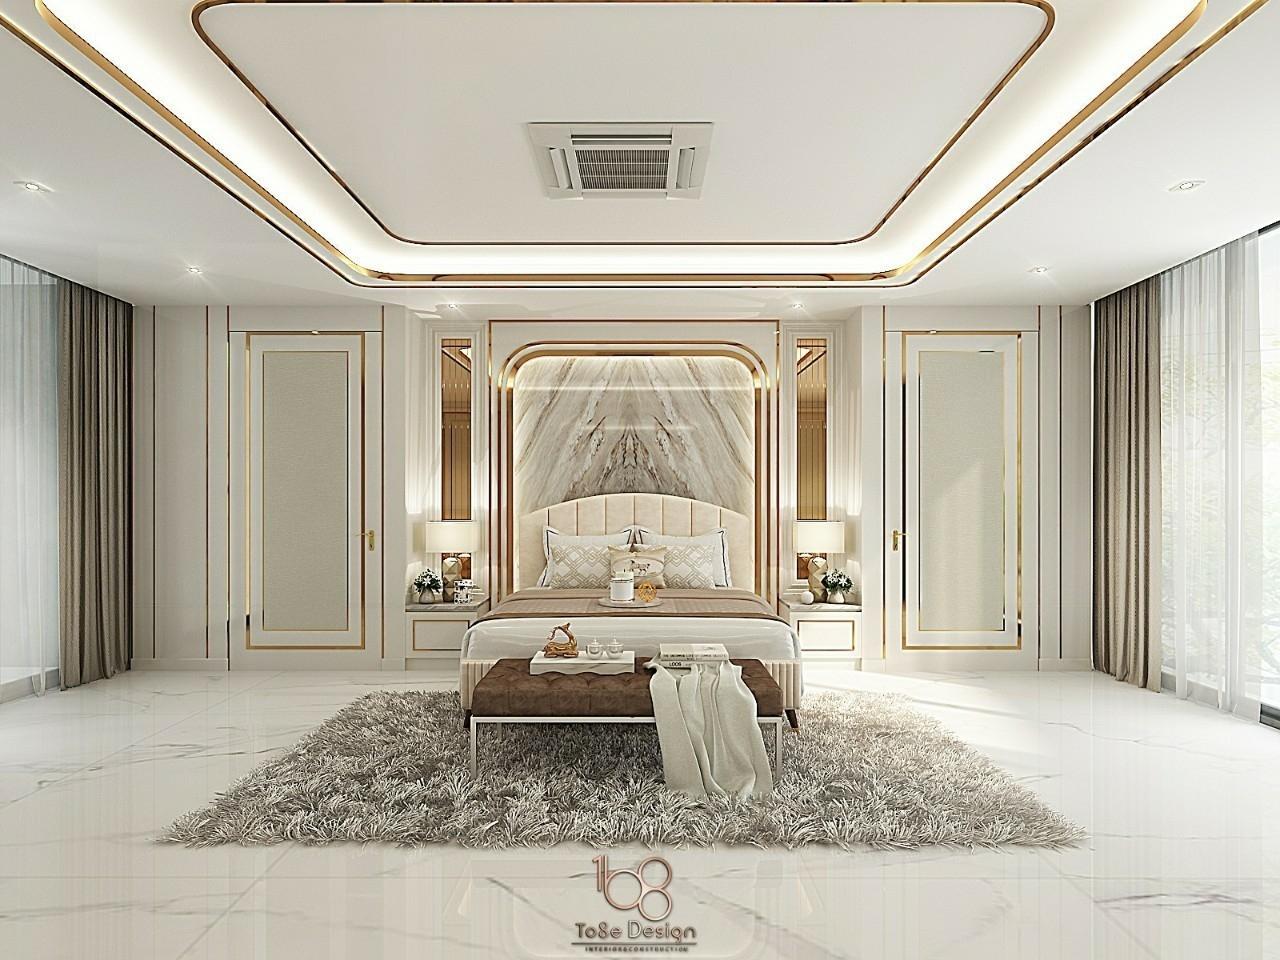 ออกแบบตกแต่งภายใน-ห้องนอน